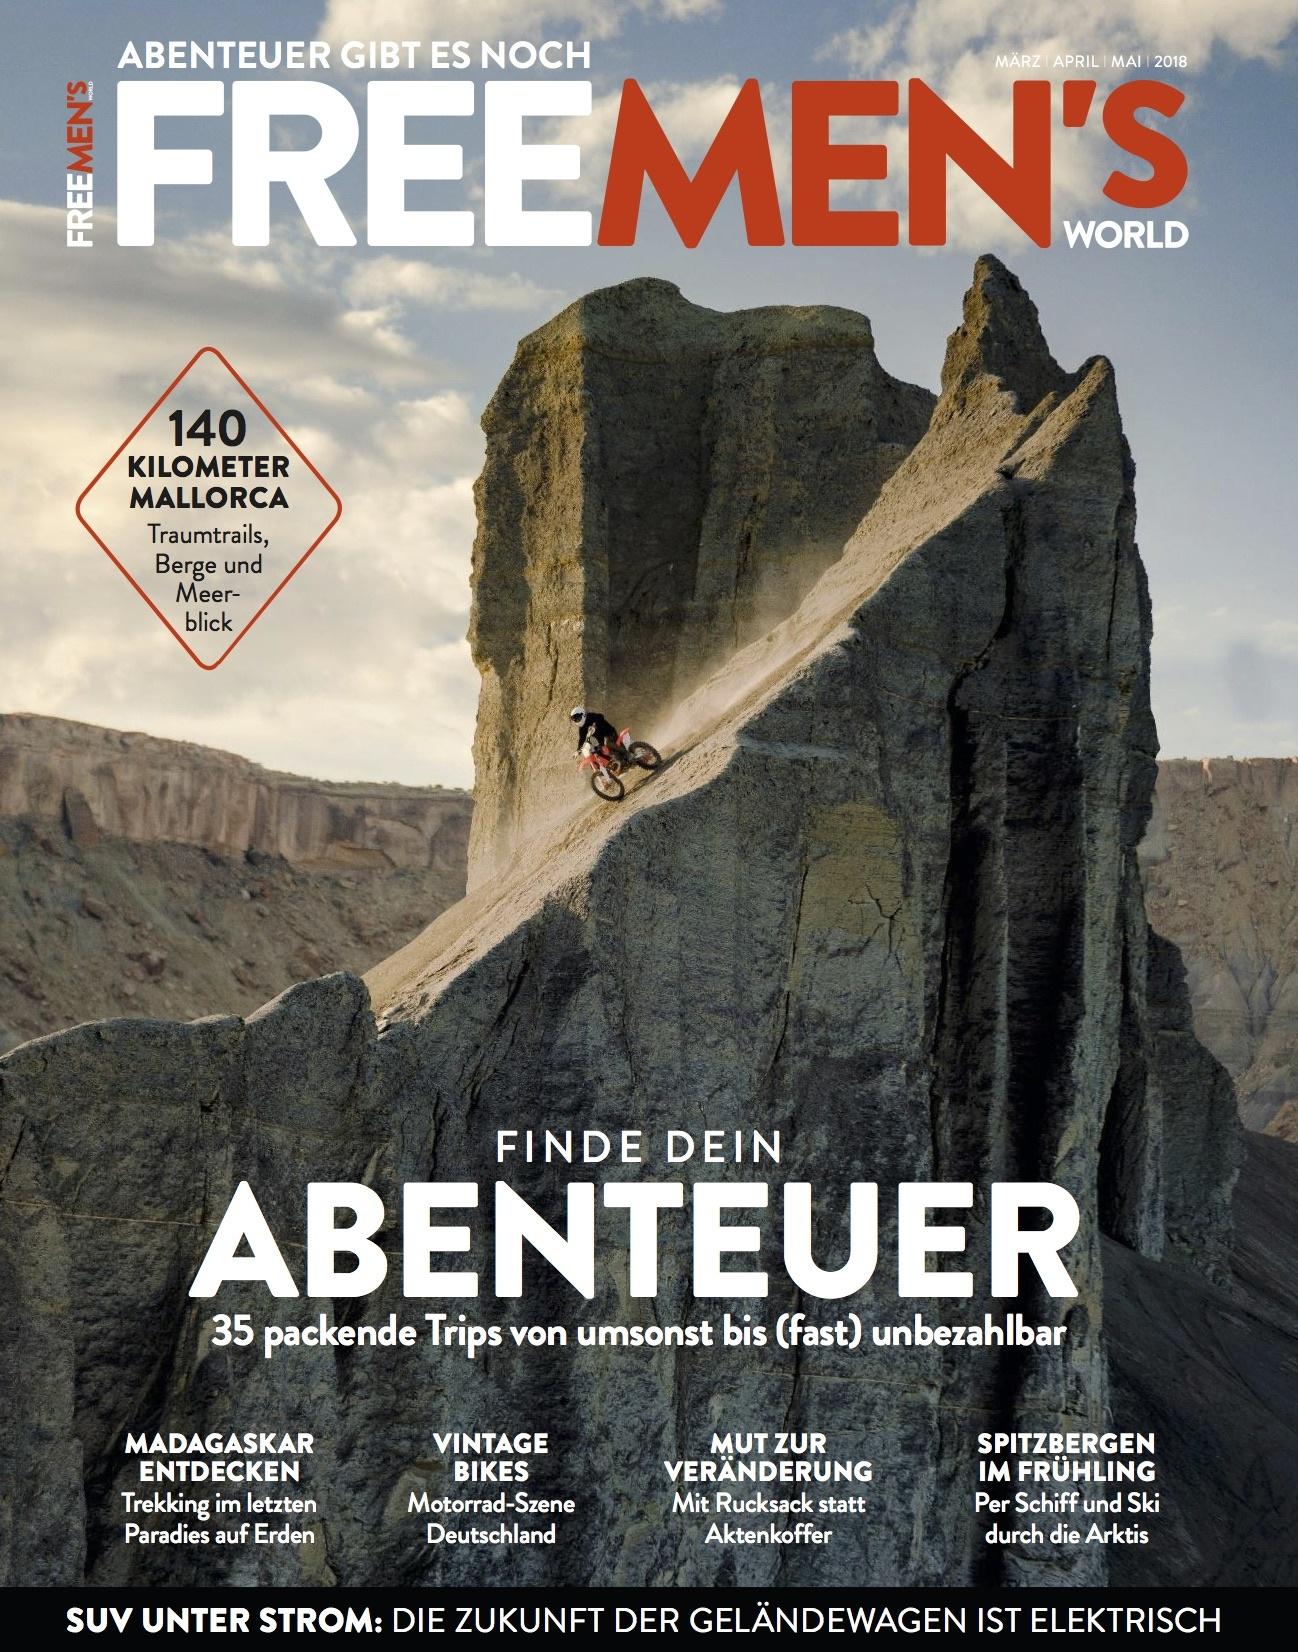 FREE MEN'S WORLD FREE MEN'S WORLD - Finde dein Abenteuer